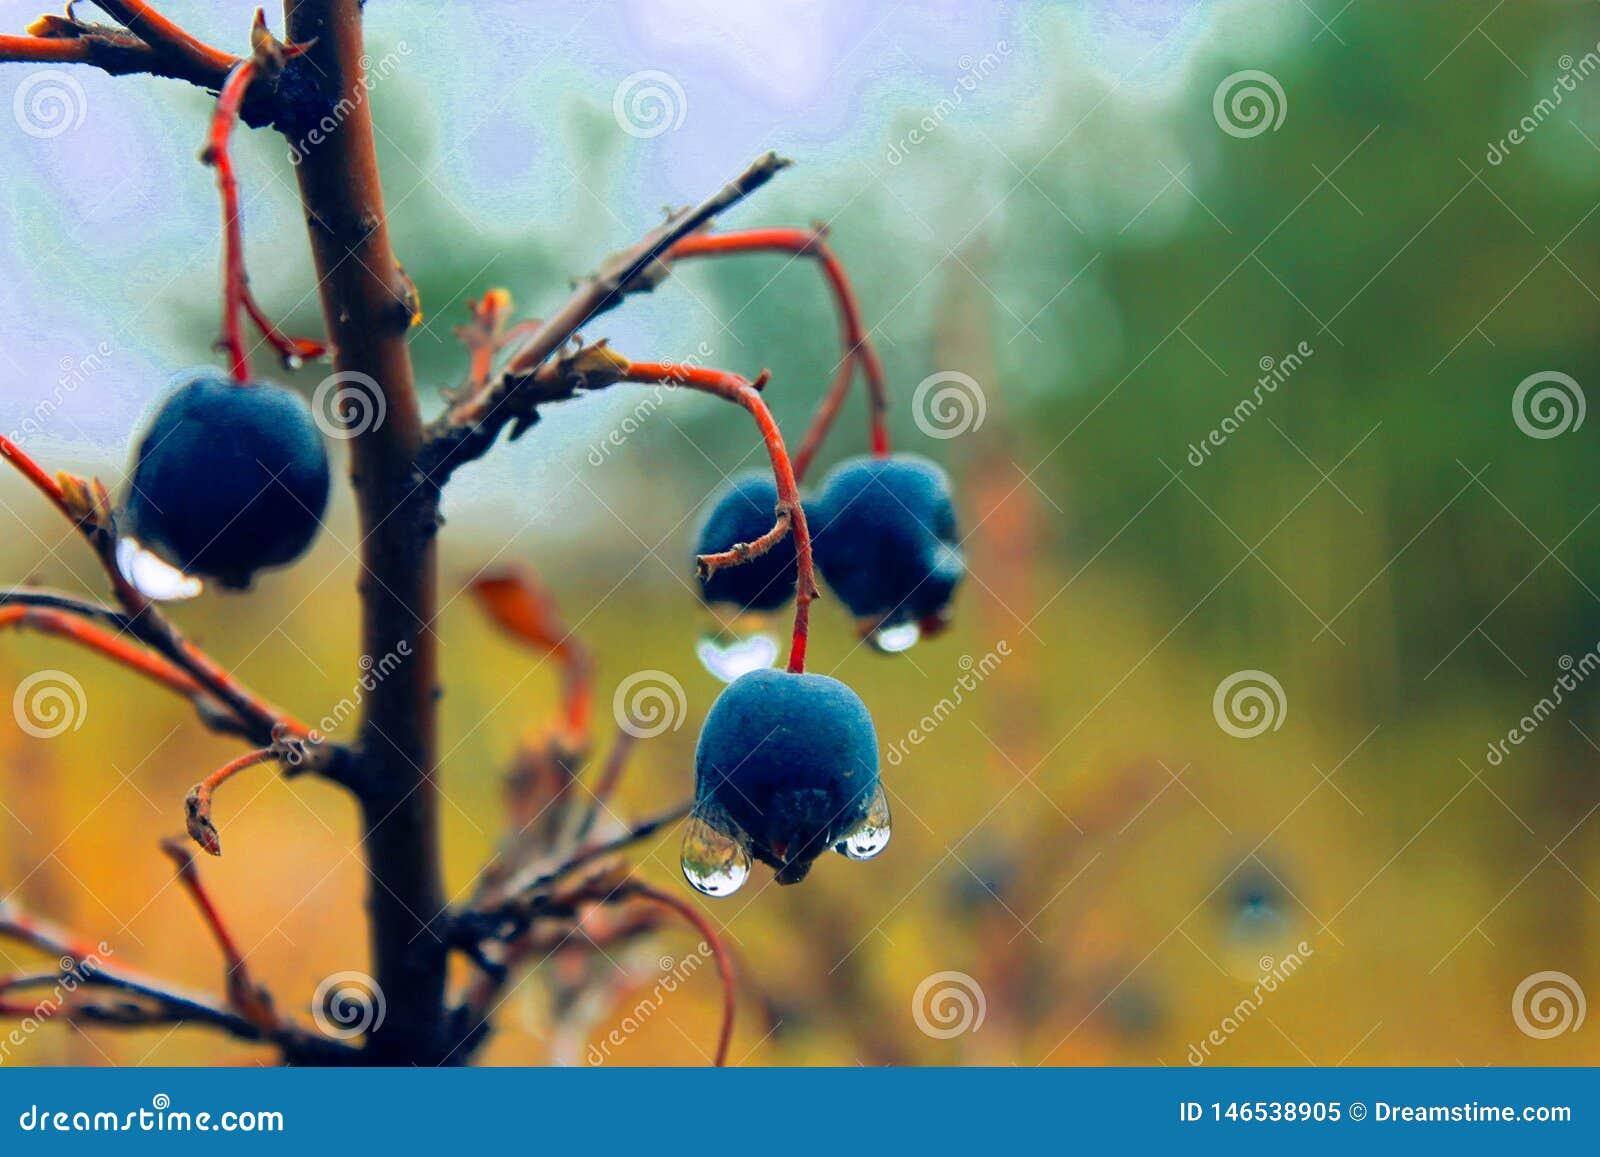 UAU! Bagas azuis tão agradáveis